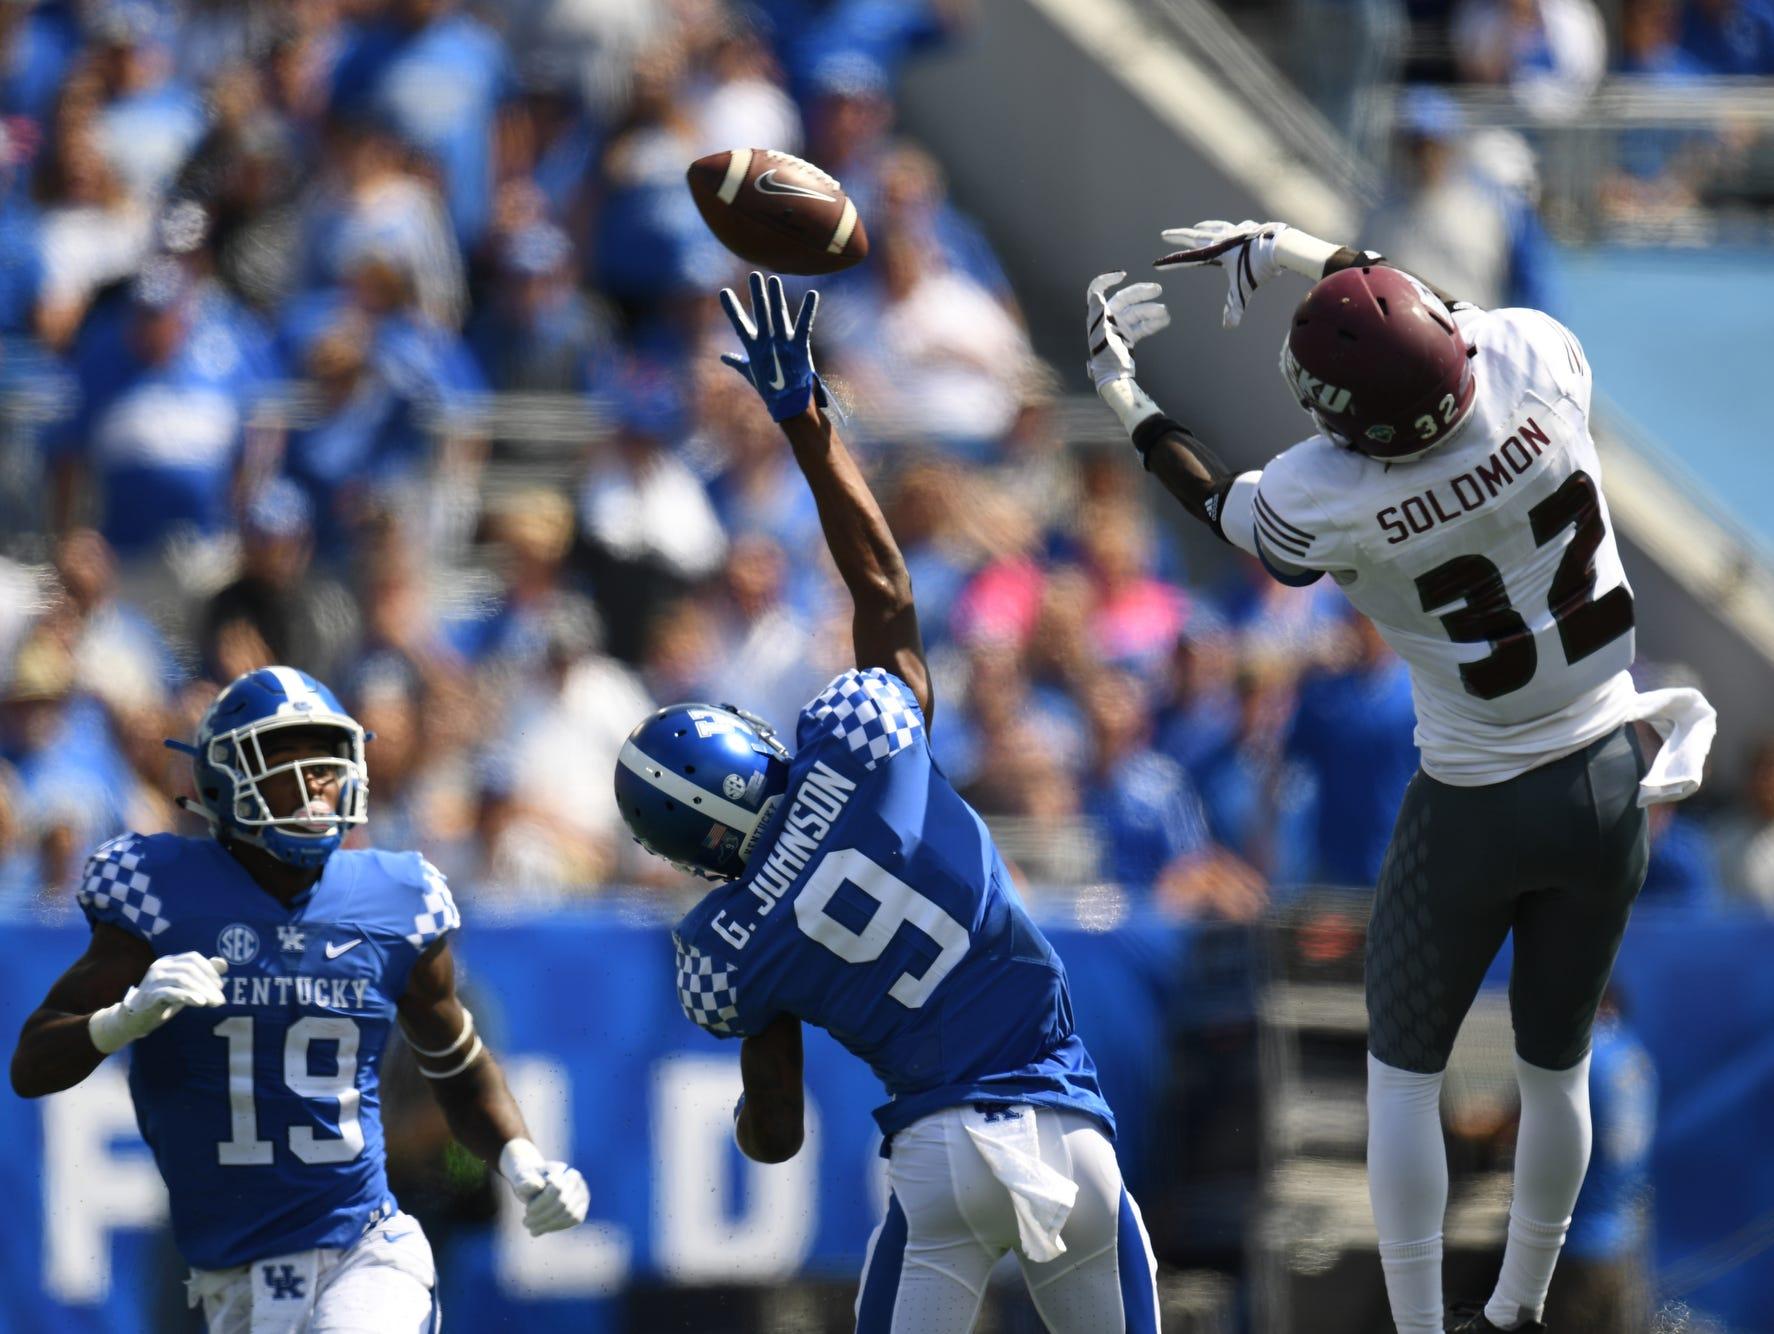 UK WR Garrett Johnson reaches for the ball during the University of Kentucky football game against Eastern Kentucky University in Lexington, KY on Saturday, September 9, 2017.